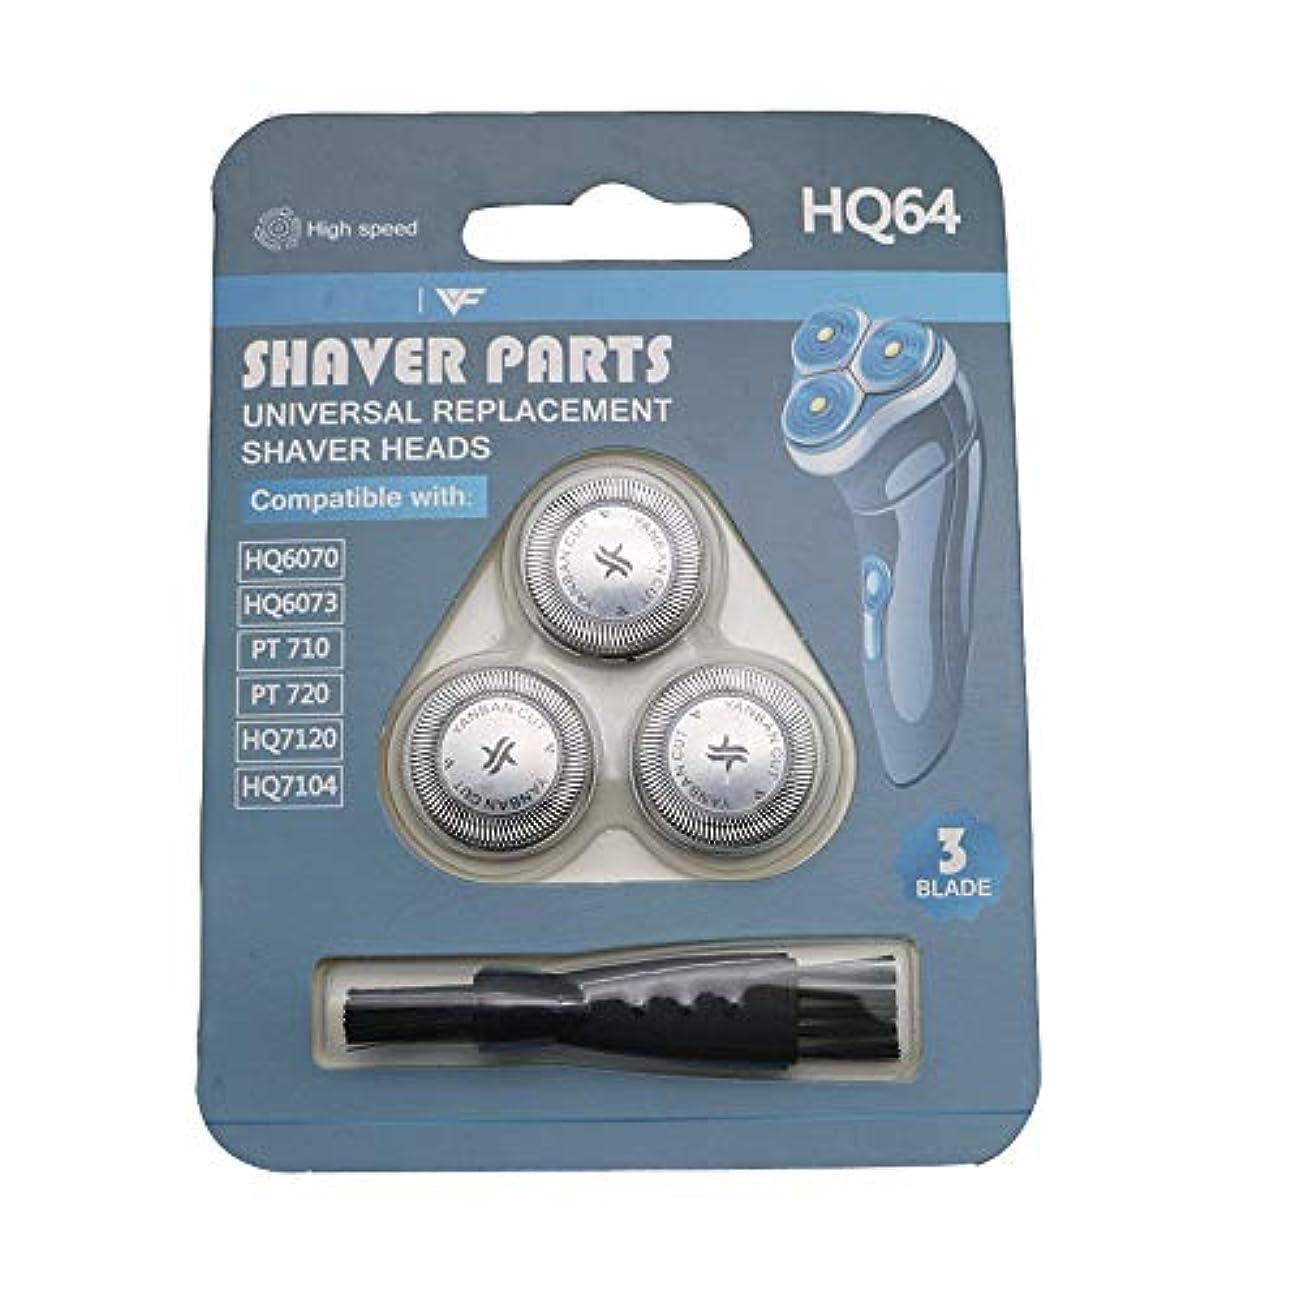 近似ブラウン平行WuYan メンズシェーバー 置換品 3個 交換用 シェーバー ヘッド互換性 Philips Hq64 Hq54 Hq6070 Hq6073 7310Xl Pt710 Hq7325 Hq7340 Pt715 Pt725...